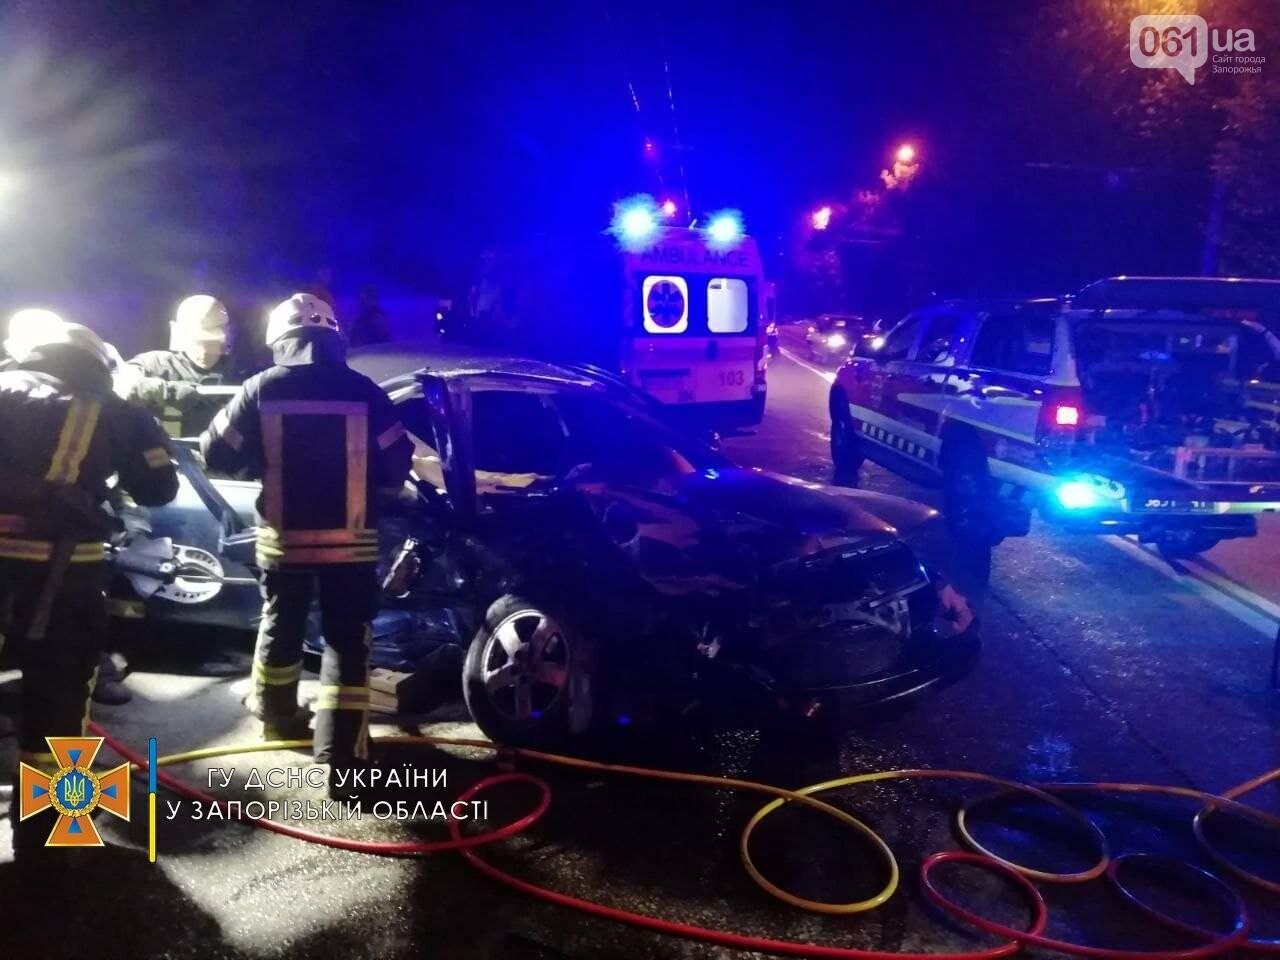 photo2021 09 0920 34 12result 613affb3de276 - В ДТП на Космической пострадали 6 человек, одну из пассажирок зажало в авто